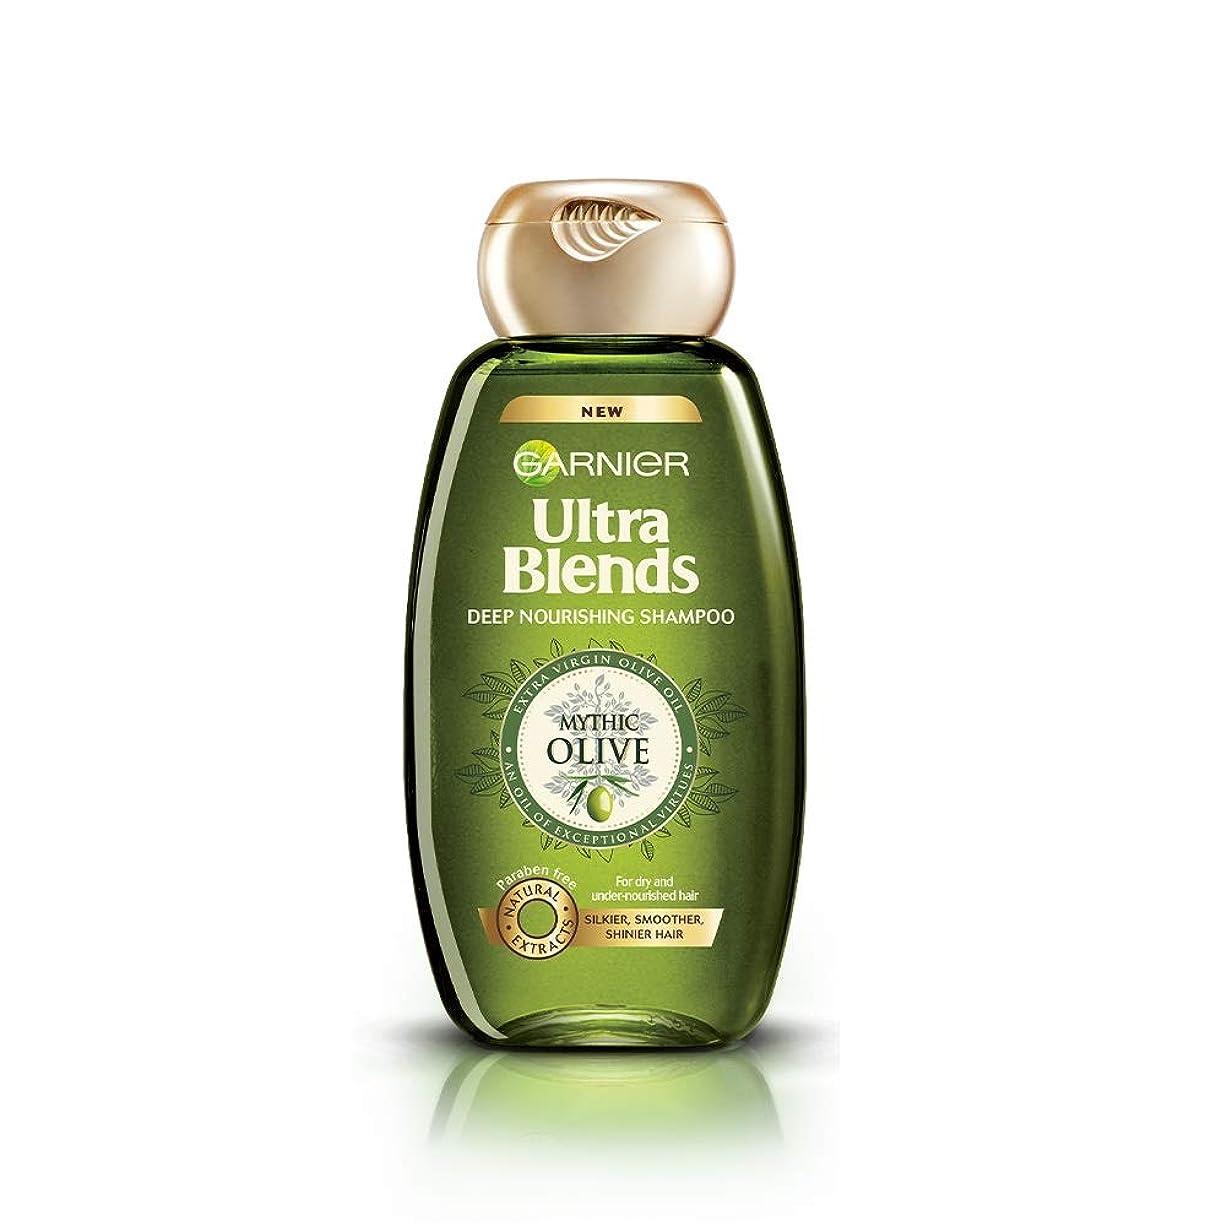 ラフト試用期限Garnier Ultra Blends Shampoo, Mythic Olive, 180ml